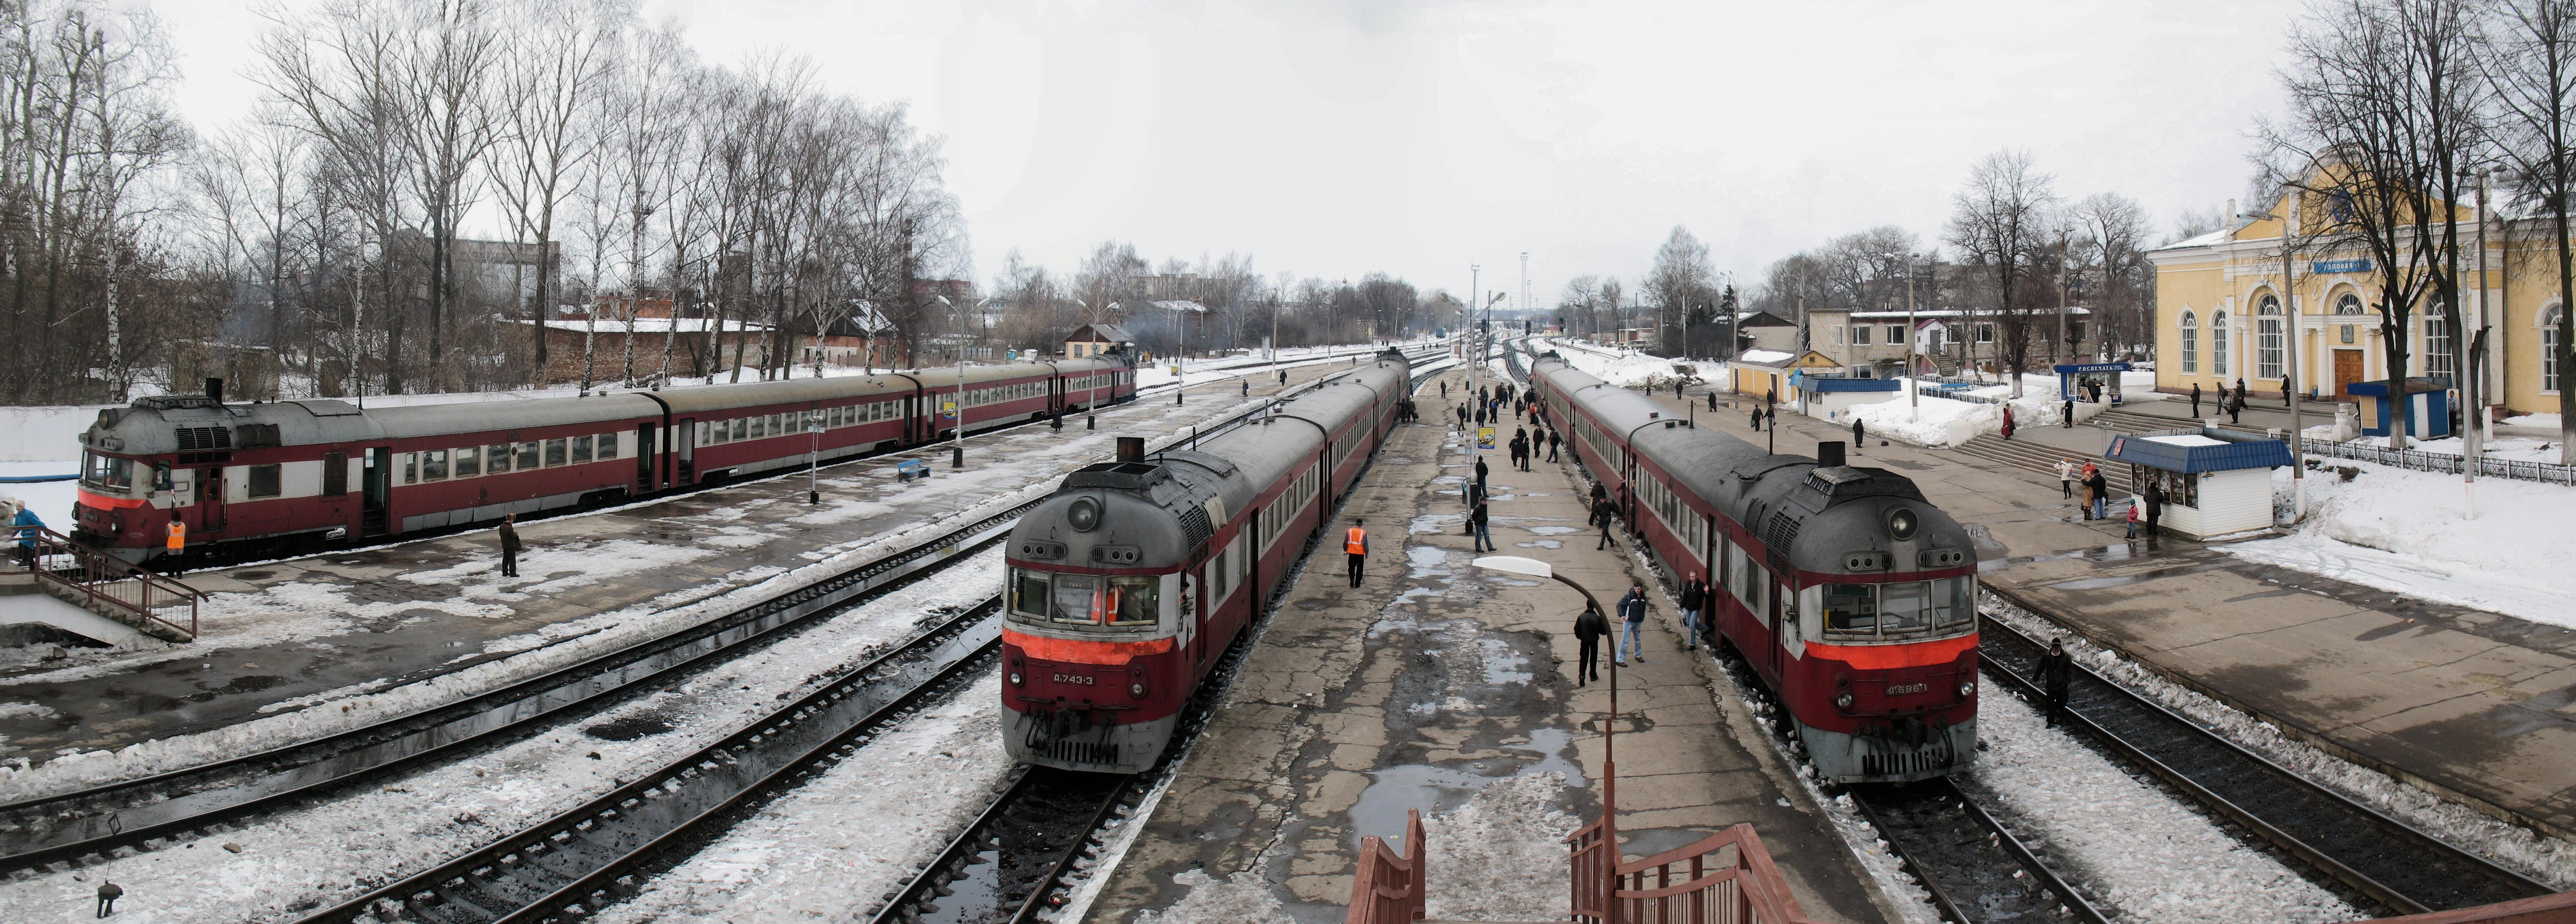 RZD D1 class DMU at Uzlovaya station (17267126274).jpg